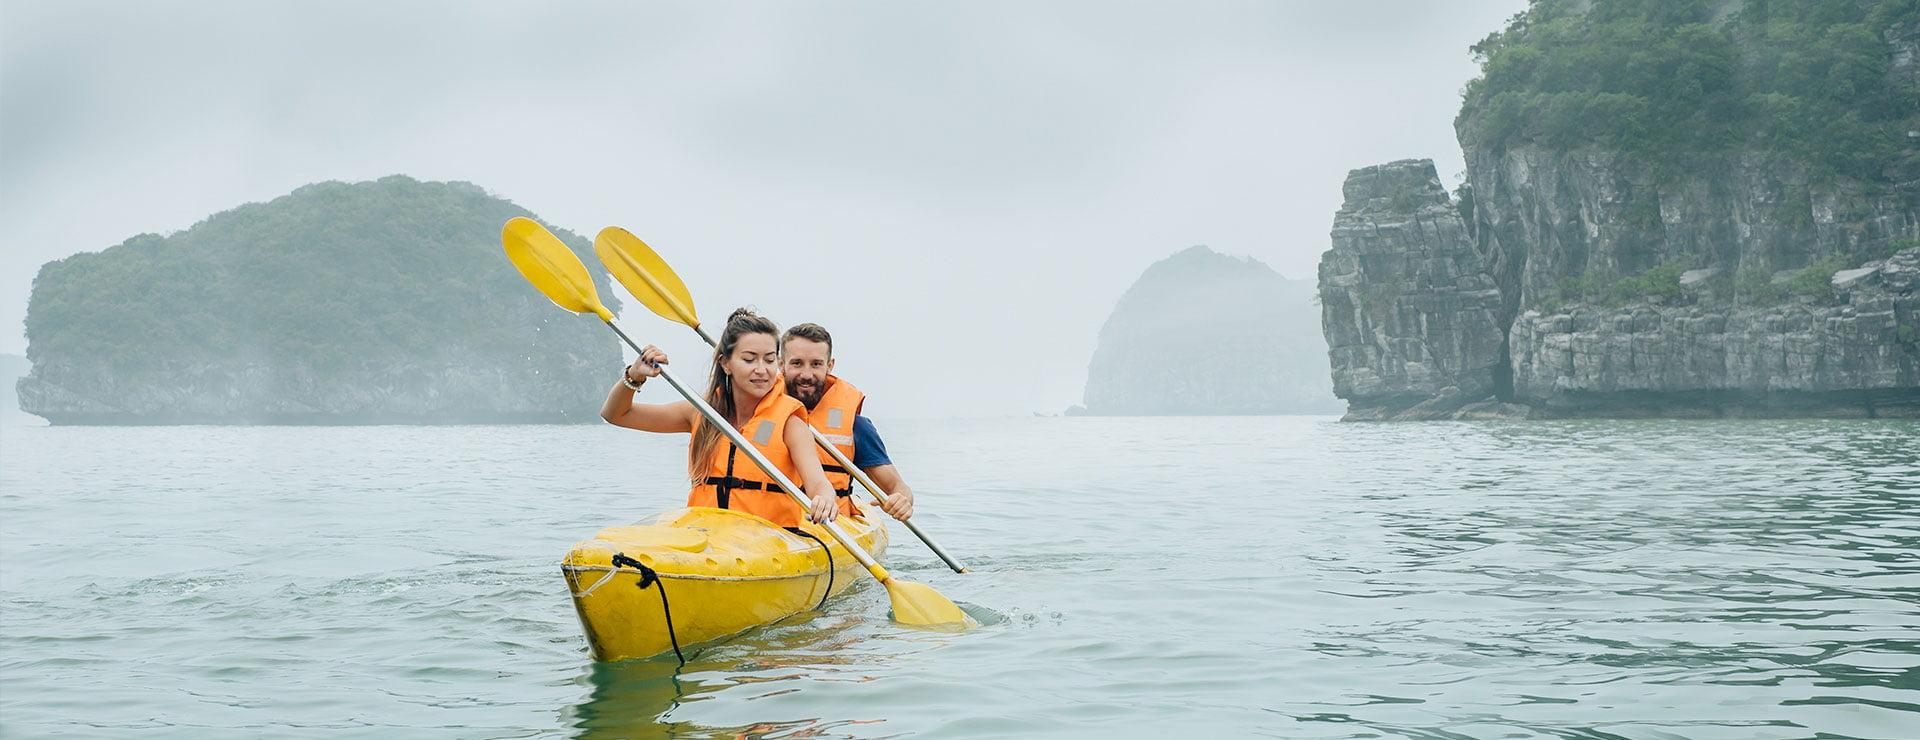 Top 05 favorite outdoor activities for Vietnam travelers